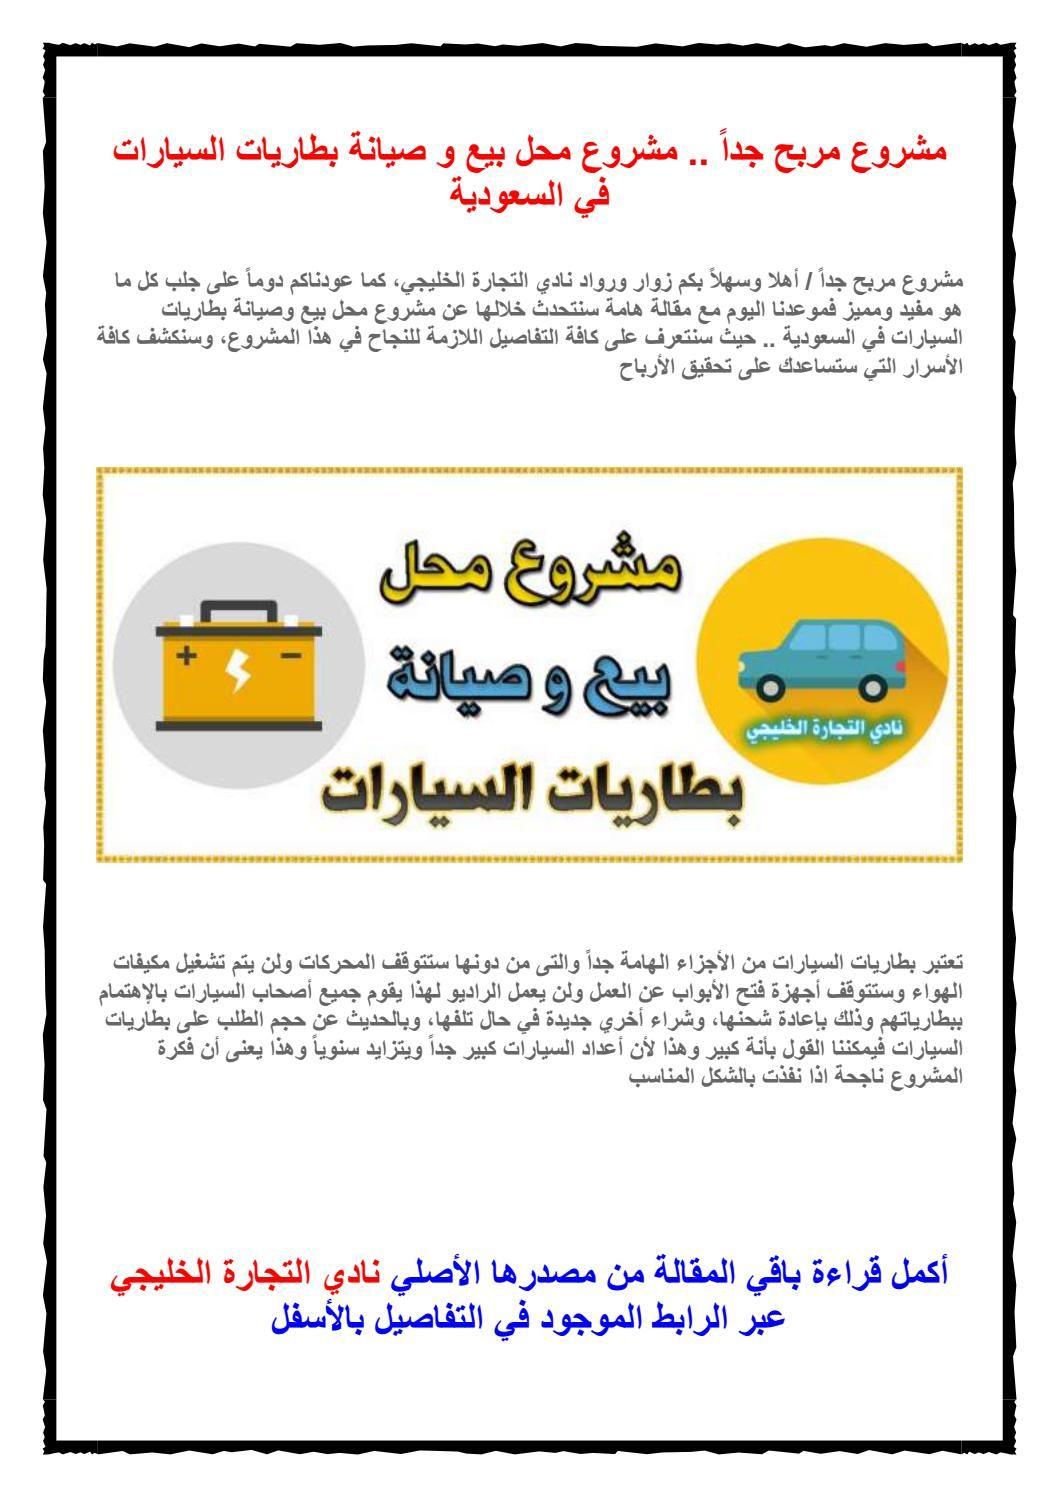 مشروع مربح جدا مشروع محل بيع و صيانة بطاريات السيارات في السعودية